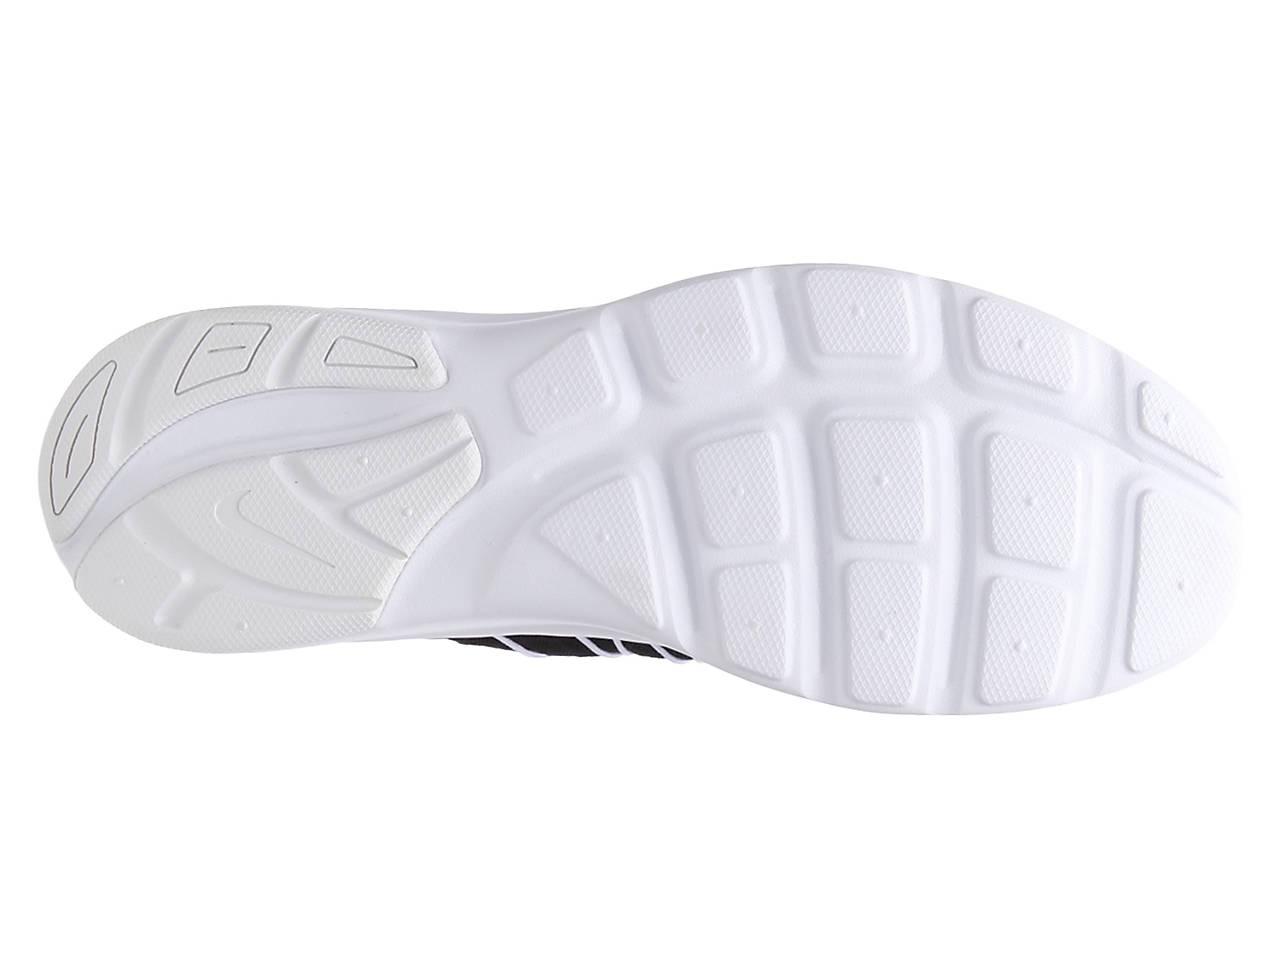 Nike Darwin Sneaker Women's Women's Shoes DSW